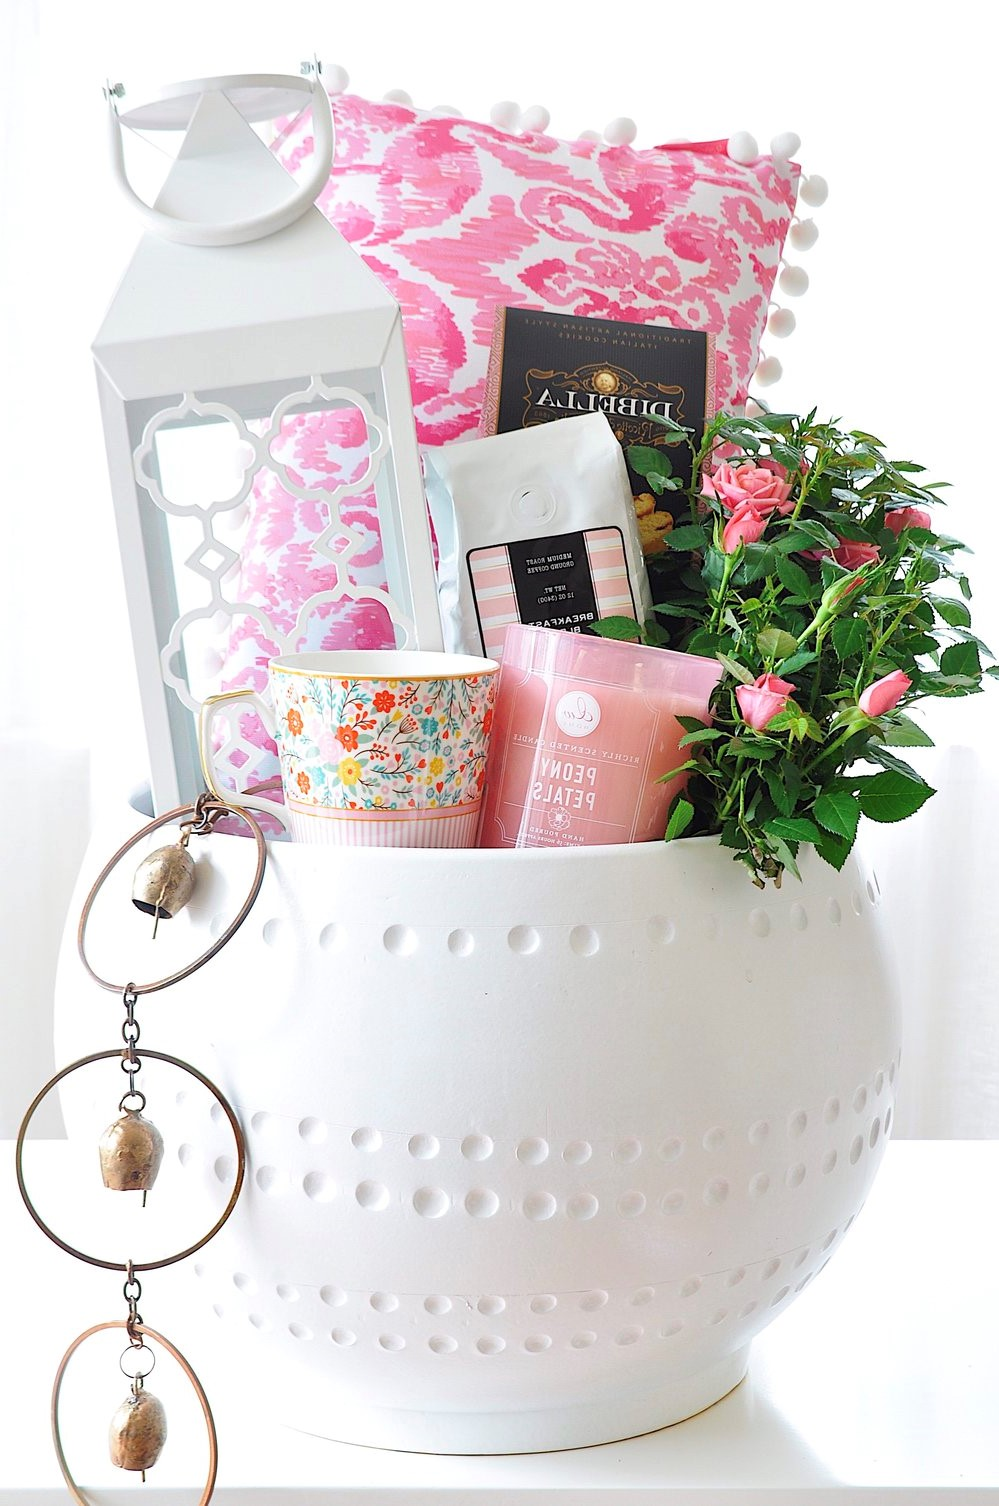 Coffret cadeau avec oreiller, cosmétiques, fleurs et bougies.